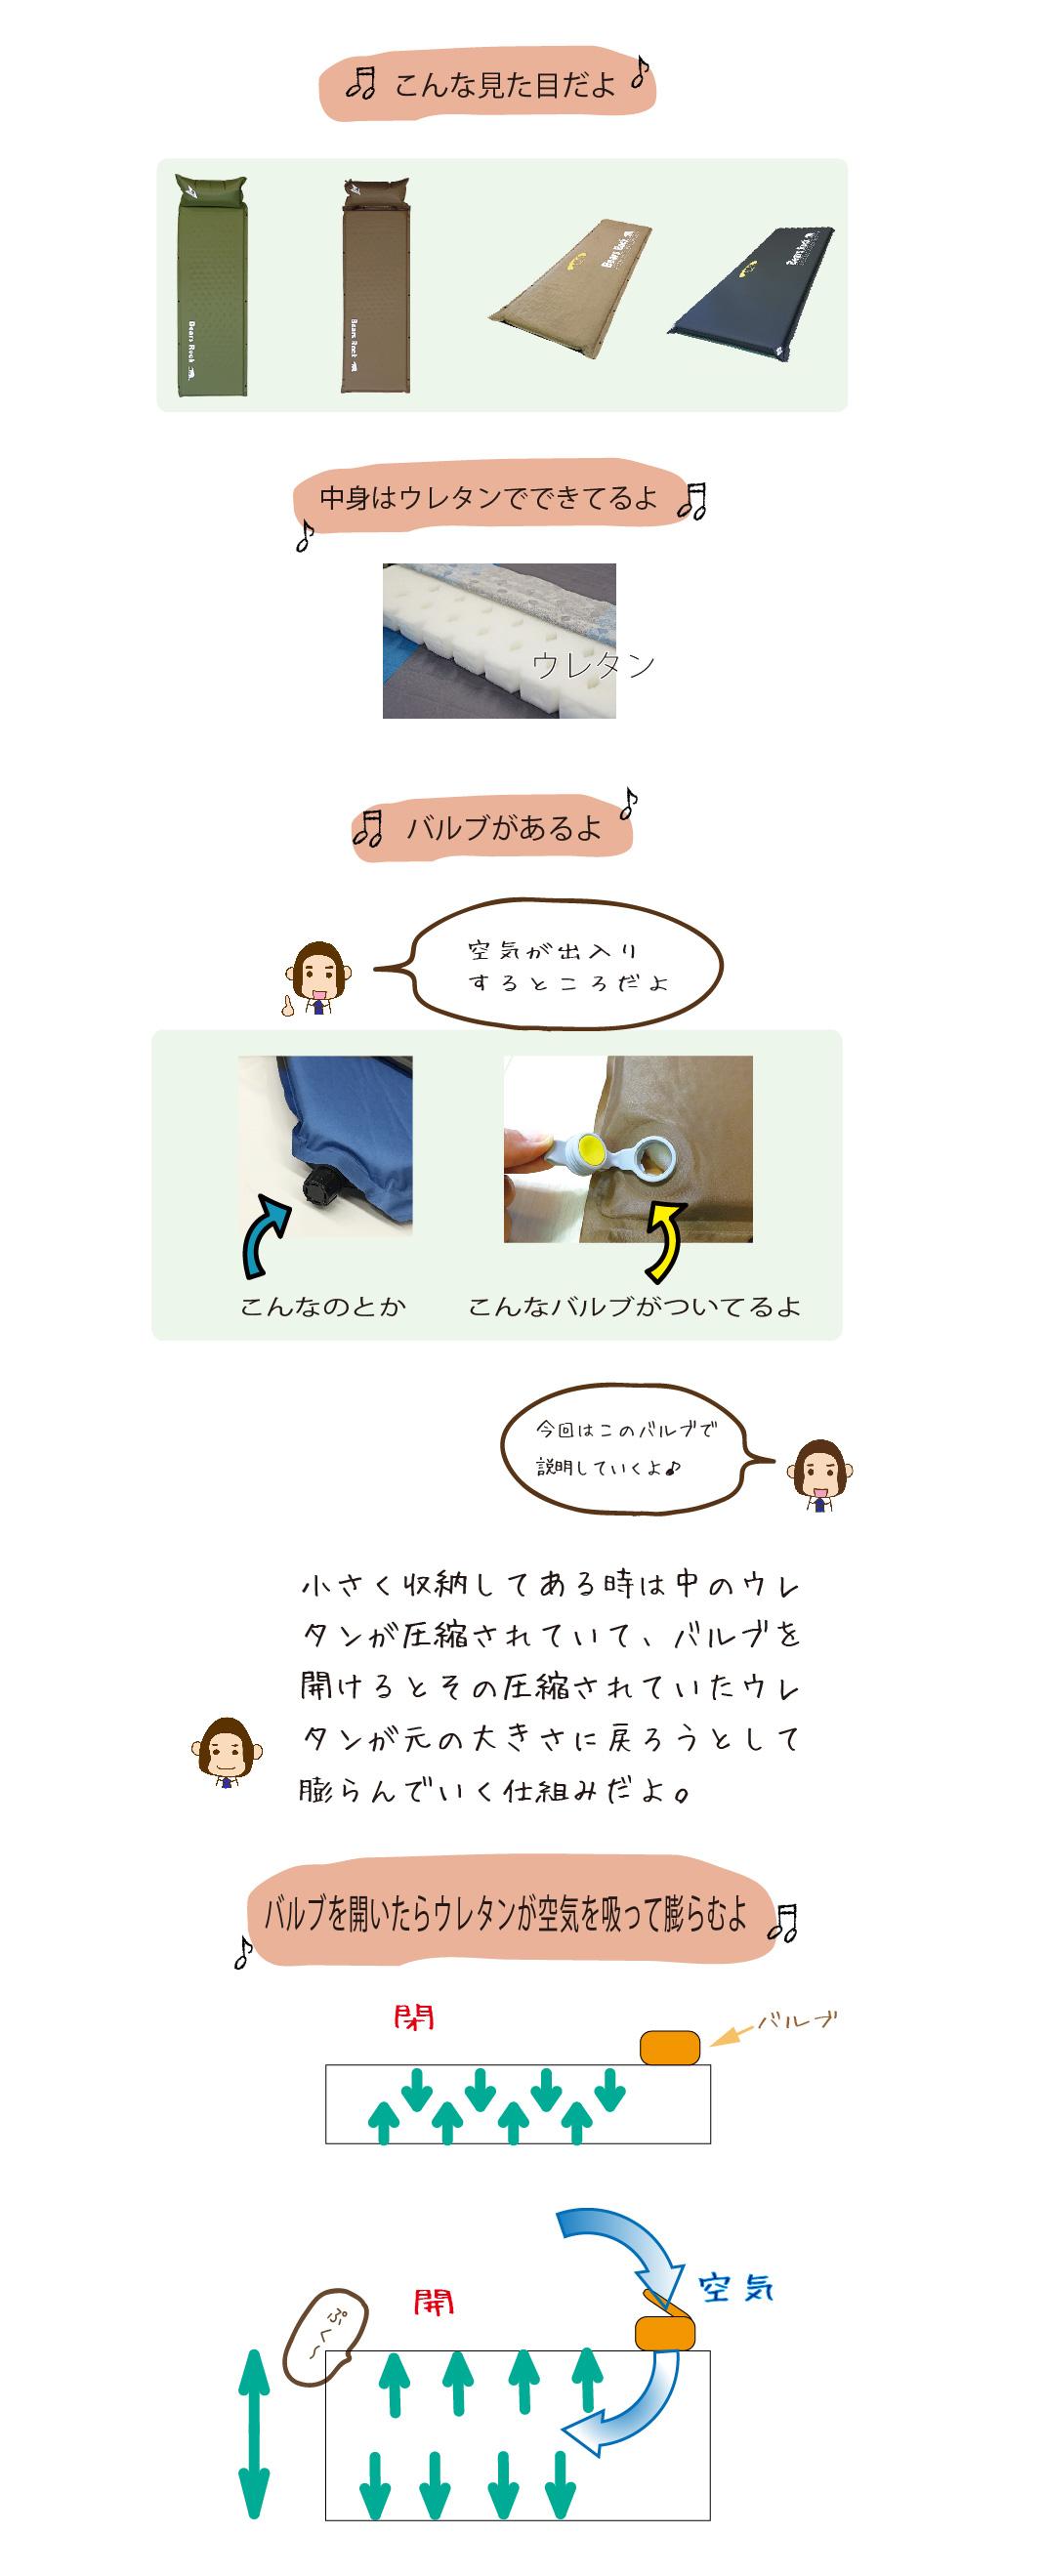 インフレータブルマットについて説明する画像